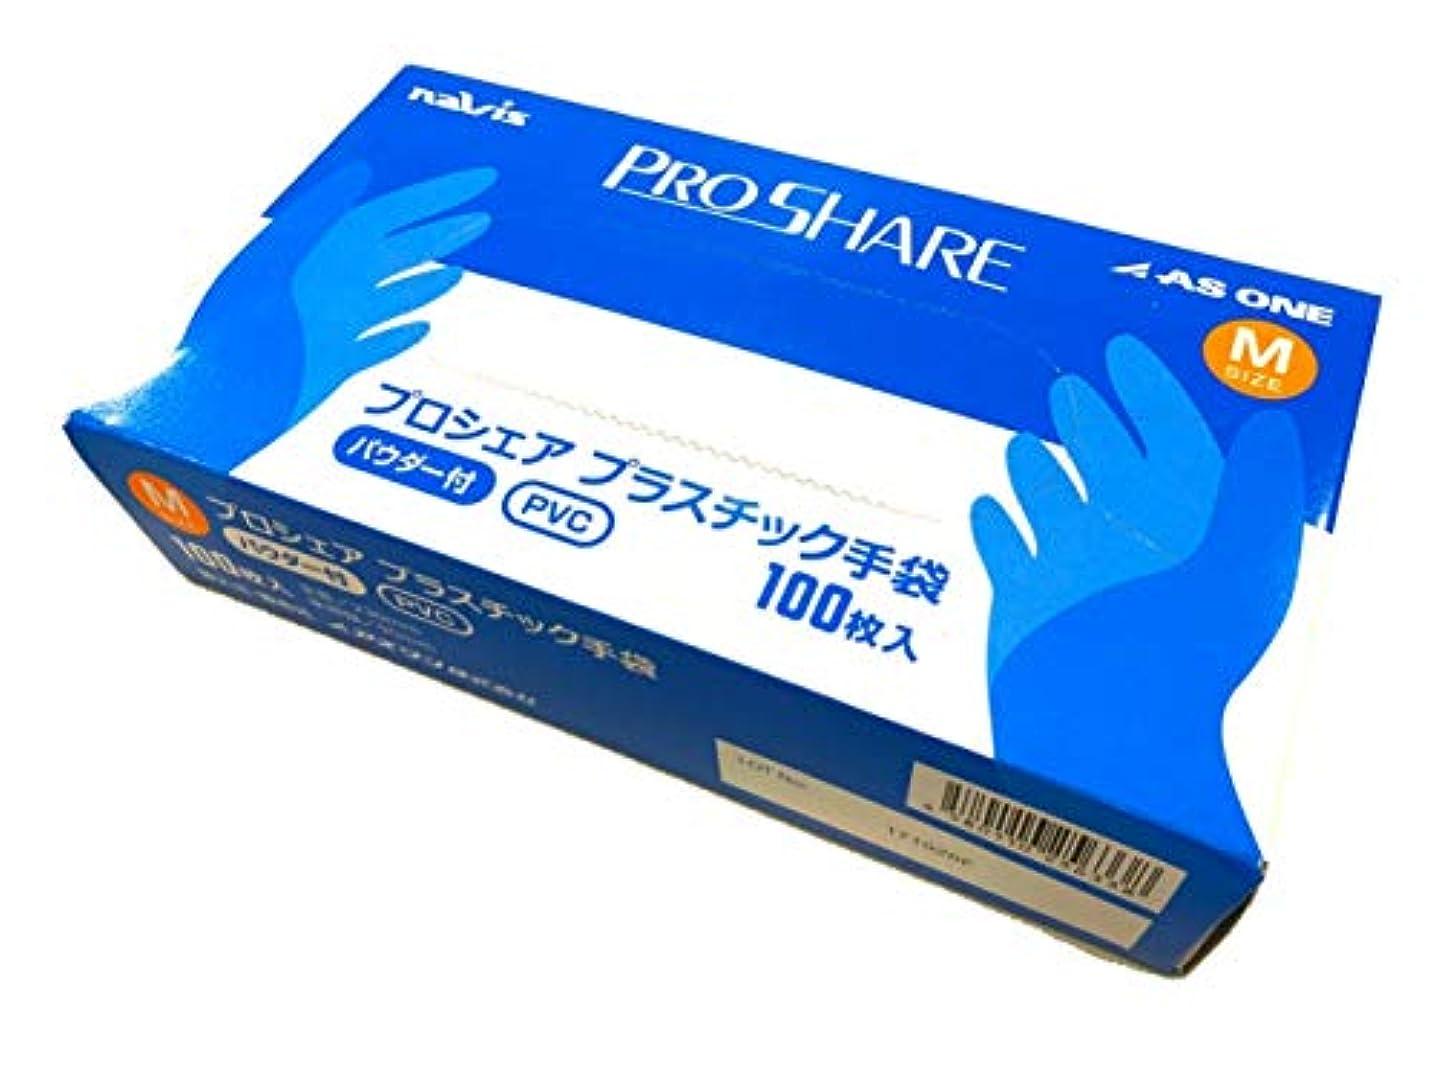 ユニークなフレッシュ平方ナビス プロシェア 使い捨て プラスチック手袋 パウダー付 M 1箱(100枚入) / 8-9570-02